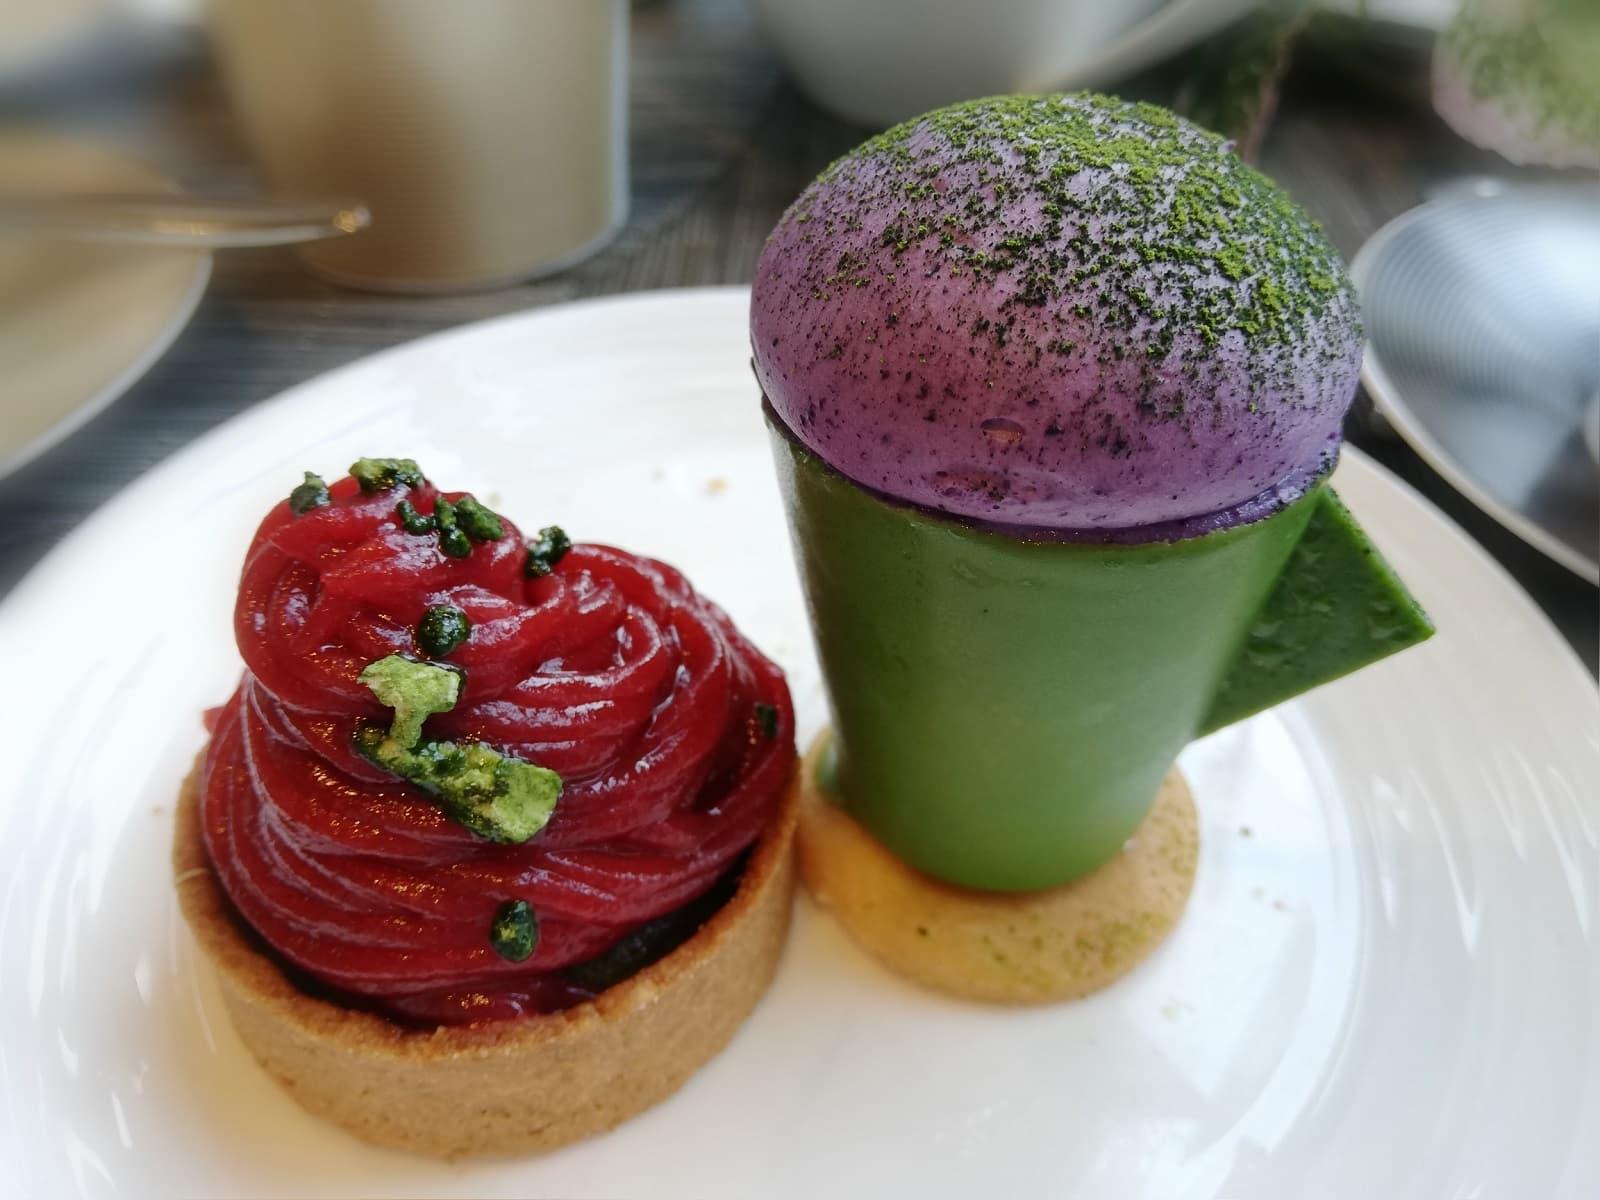 (左)ストロベリーと抹茶モンブラン(右)抹茶ラテカップ